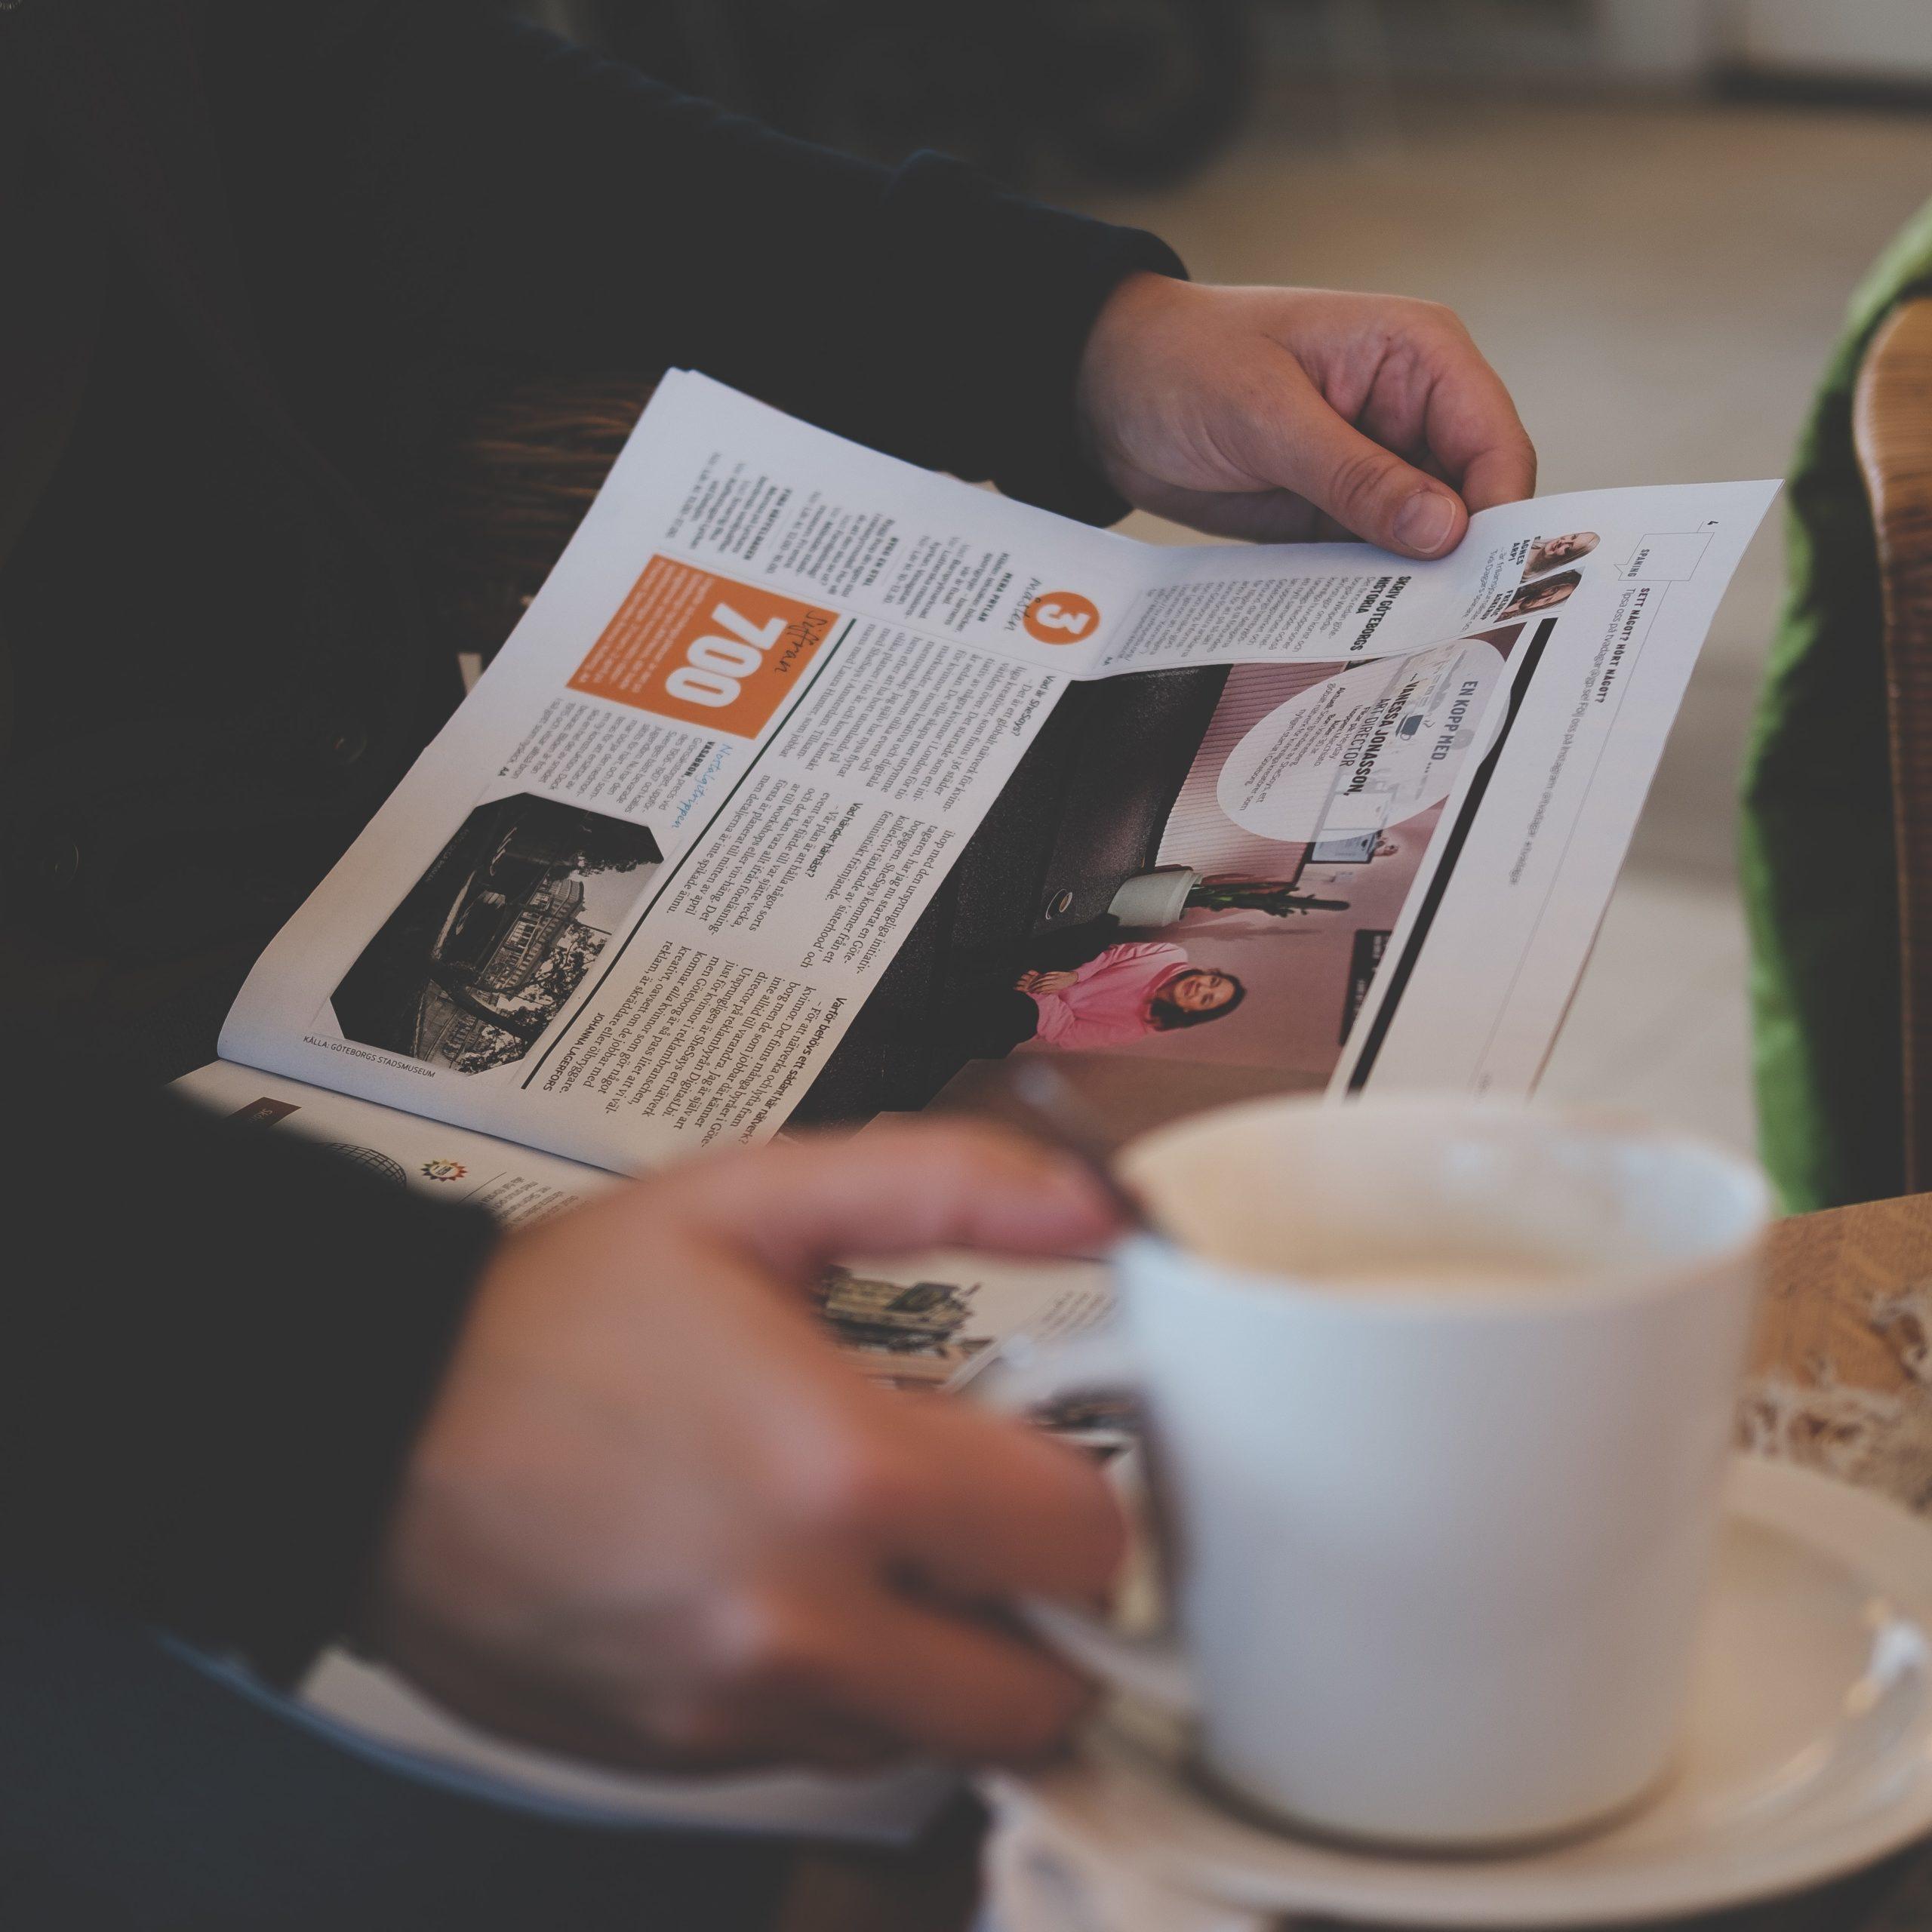 En pressemelding vil nå leseren din gjennom avisene.